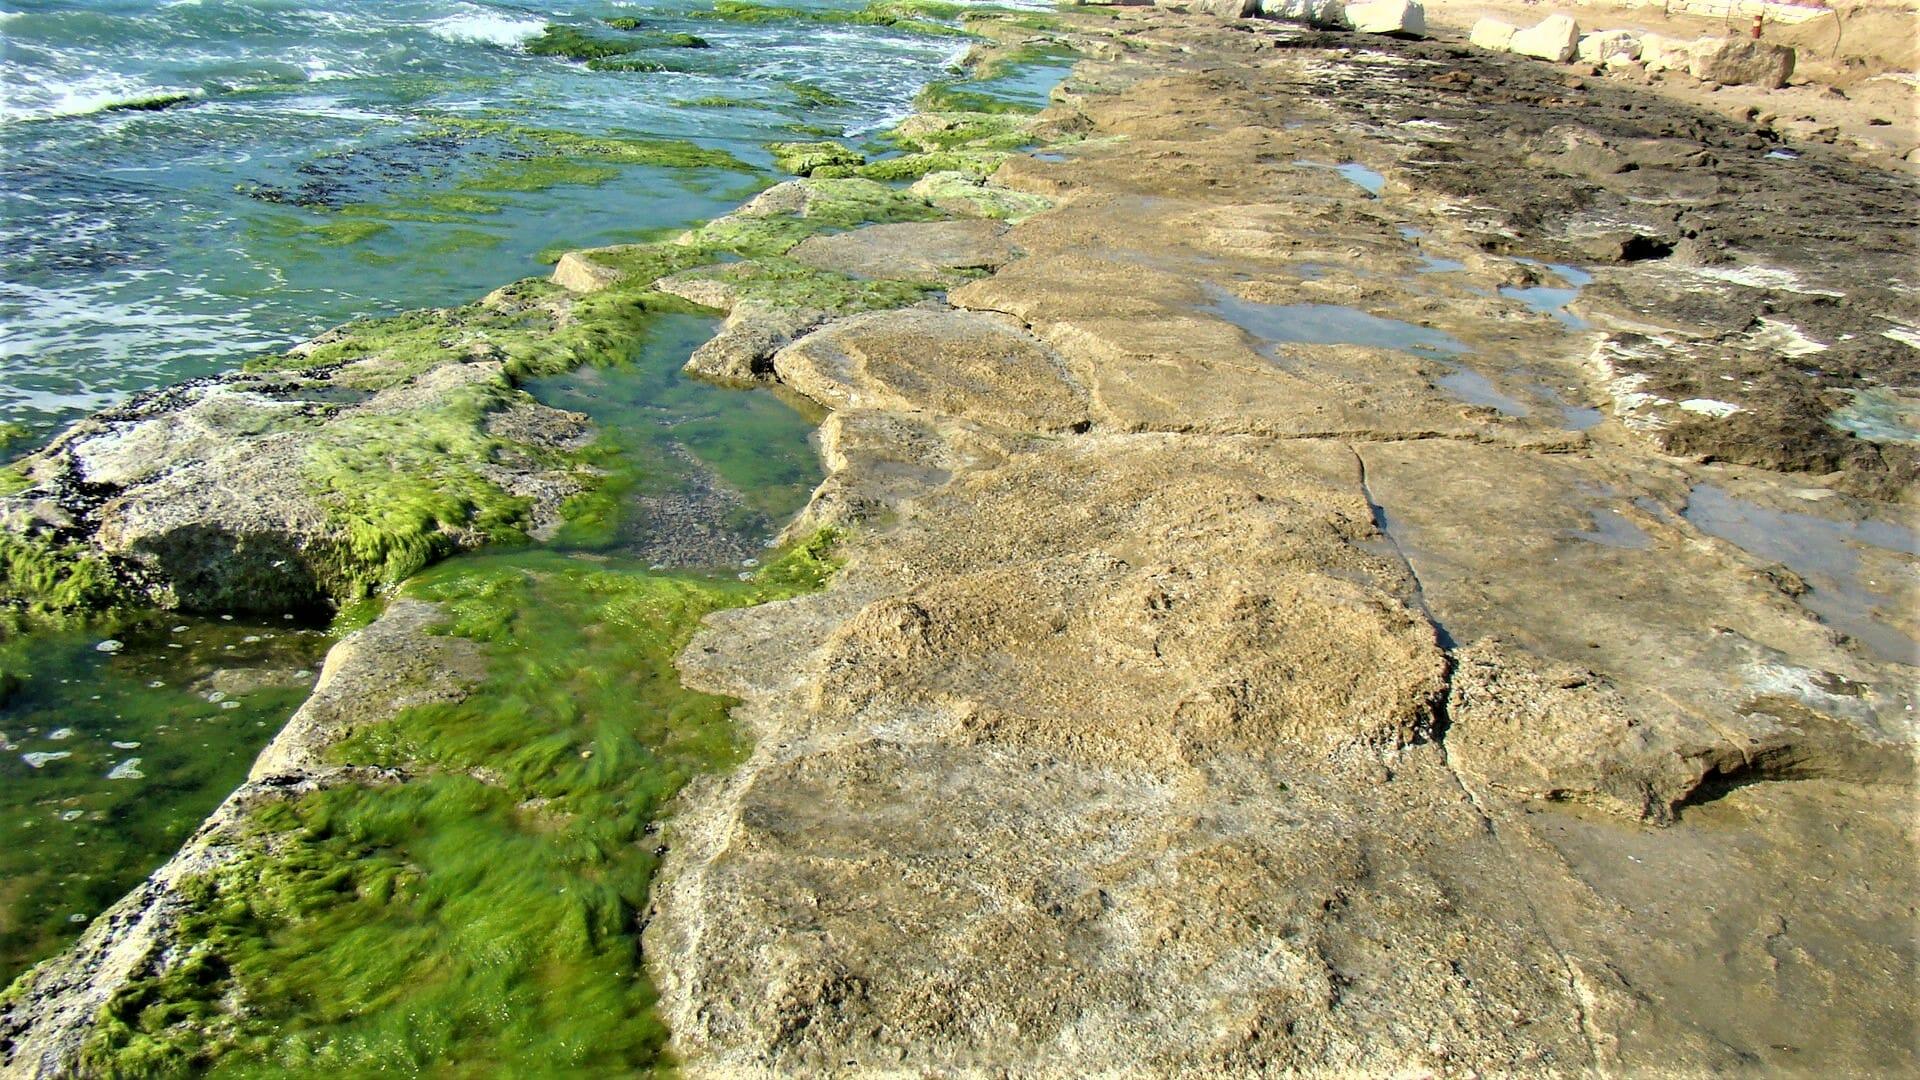 """אצה ירוקייה - פרשדונית, חוף תל-ברוך, לוחות גידוד באזור הכרית, צילום: ד""""ר ענת אביטל"""